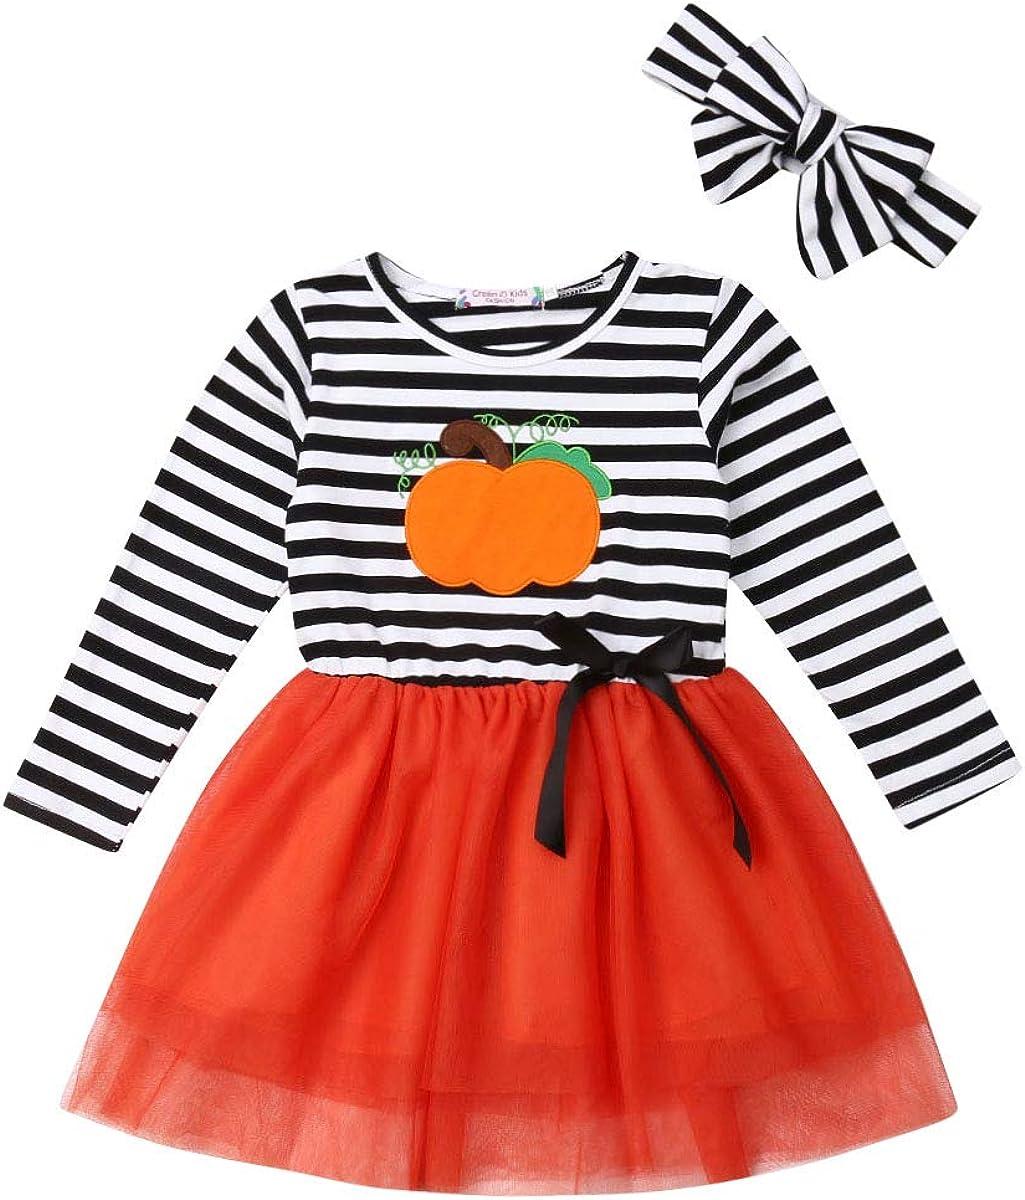 Vestido para Niña Bebé Recién Nacido Temático Vestido con Mangas Largas de Tul Estampado Dibujo Animado 1-6 Años para Fiesta